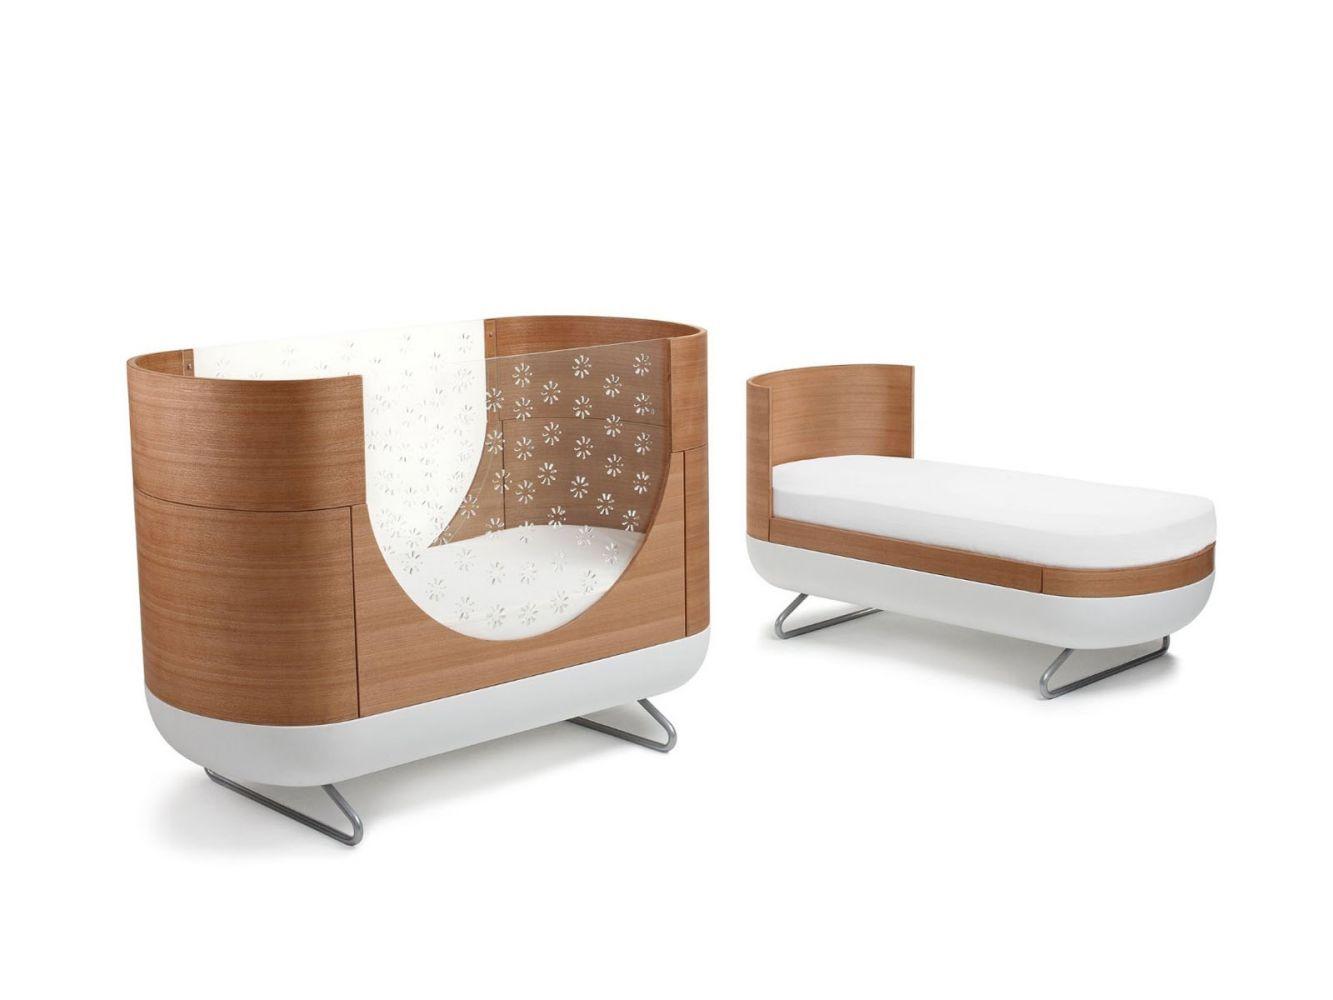 lit design pour enfant modulable pod meuble et. Black Bedroom Furniture Sets. Home Design Ideas